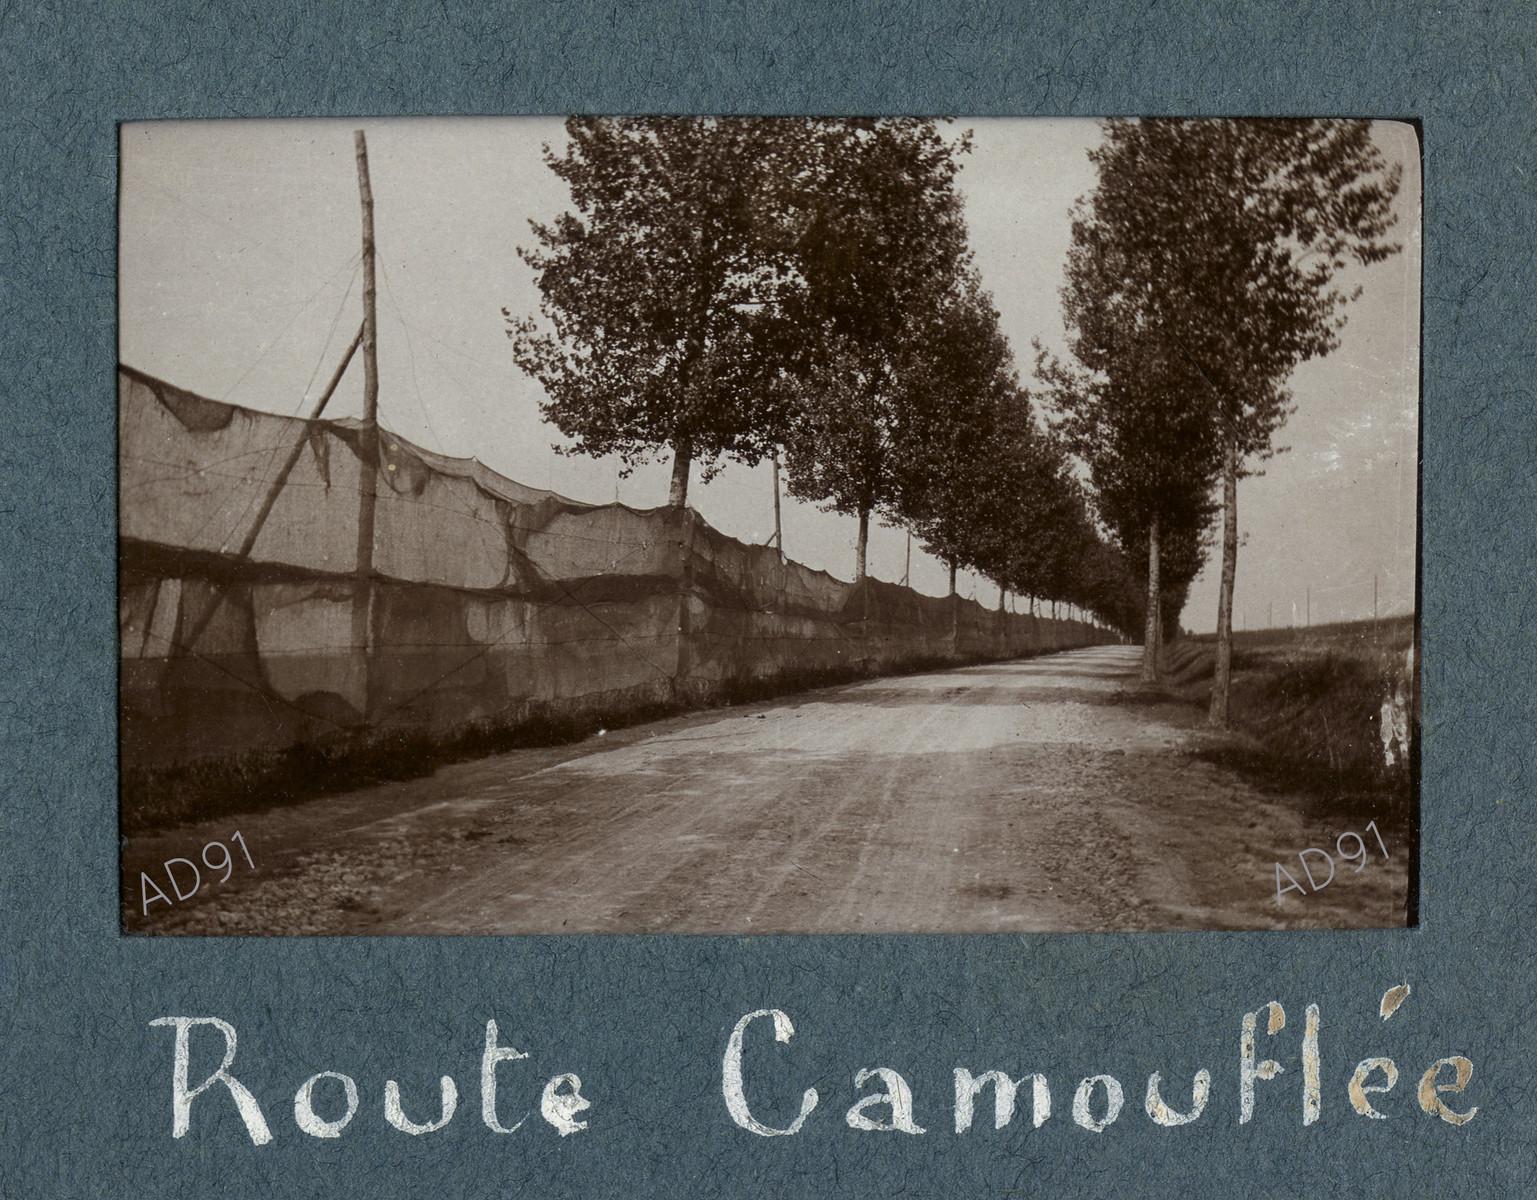 29 - Route camouflée, photographie. (032NUM019/035)